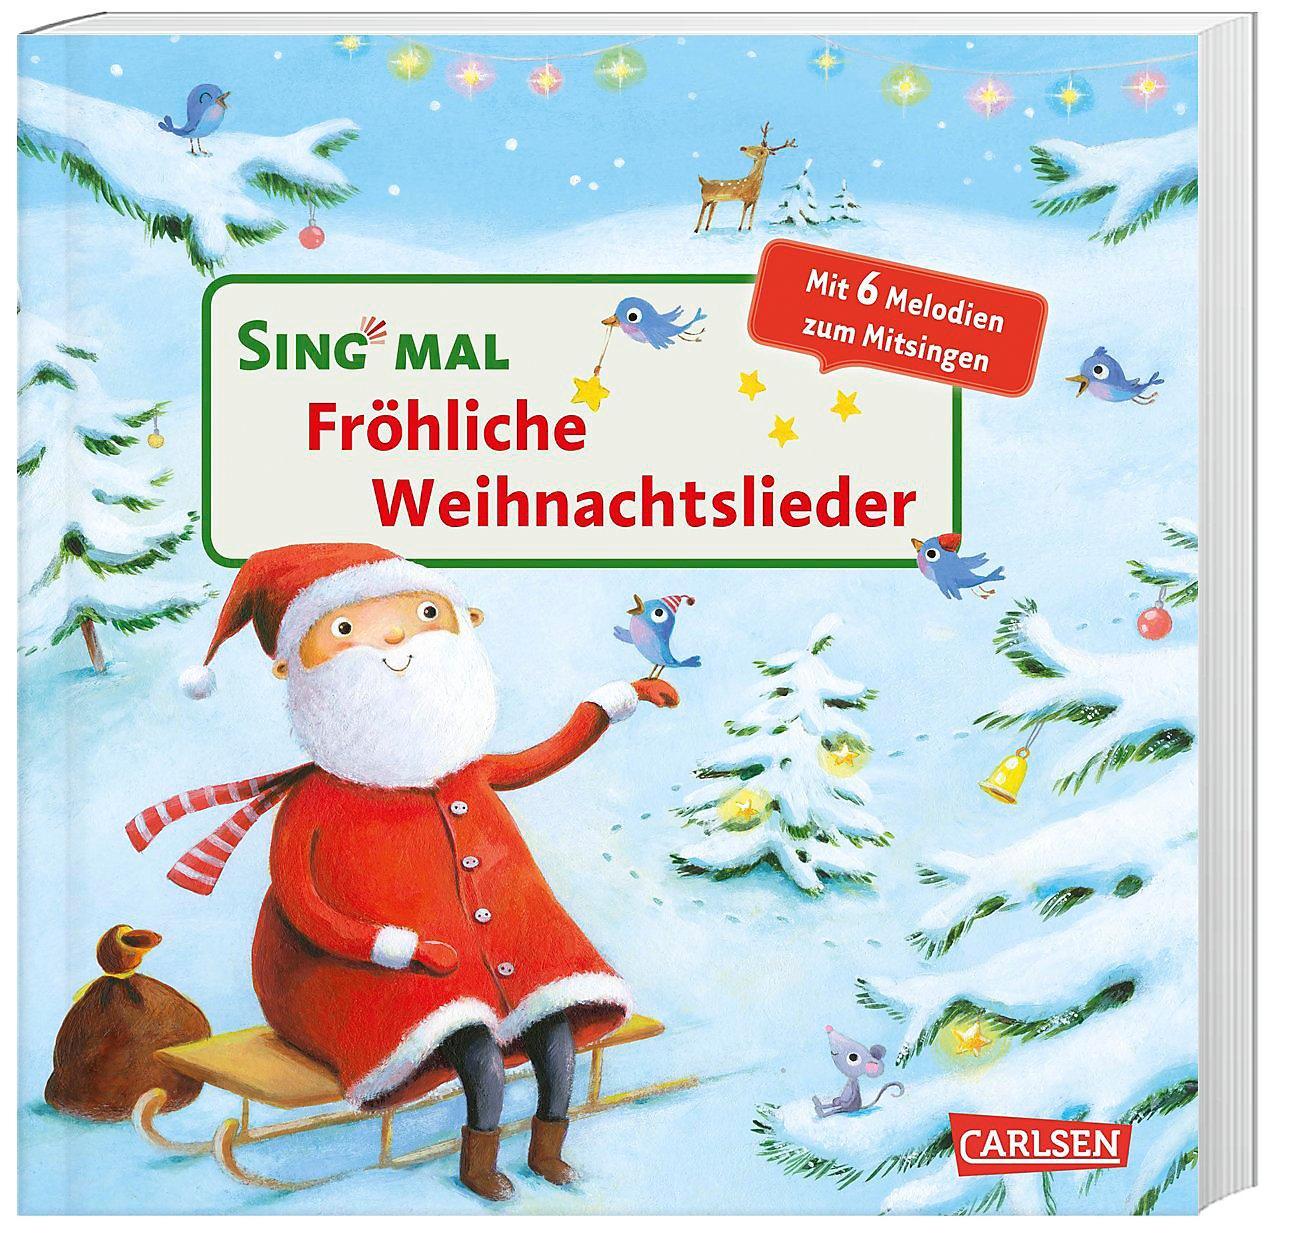 Sing mal: Fröhliche Weihnachtslieder, m. Soundeffekten Buch